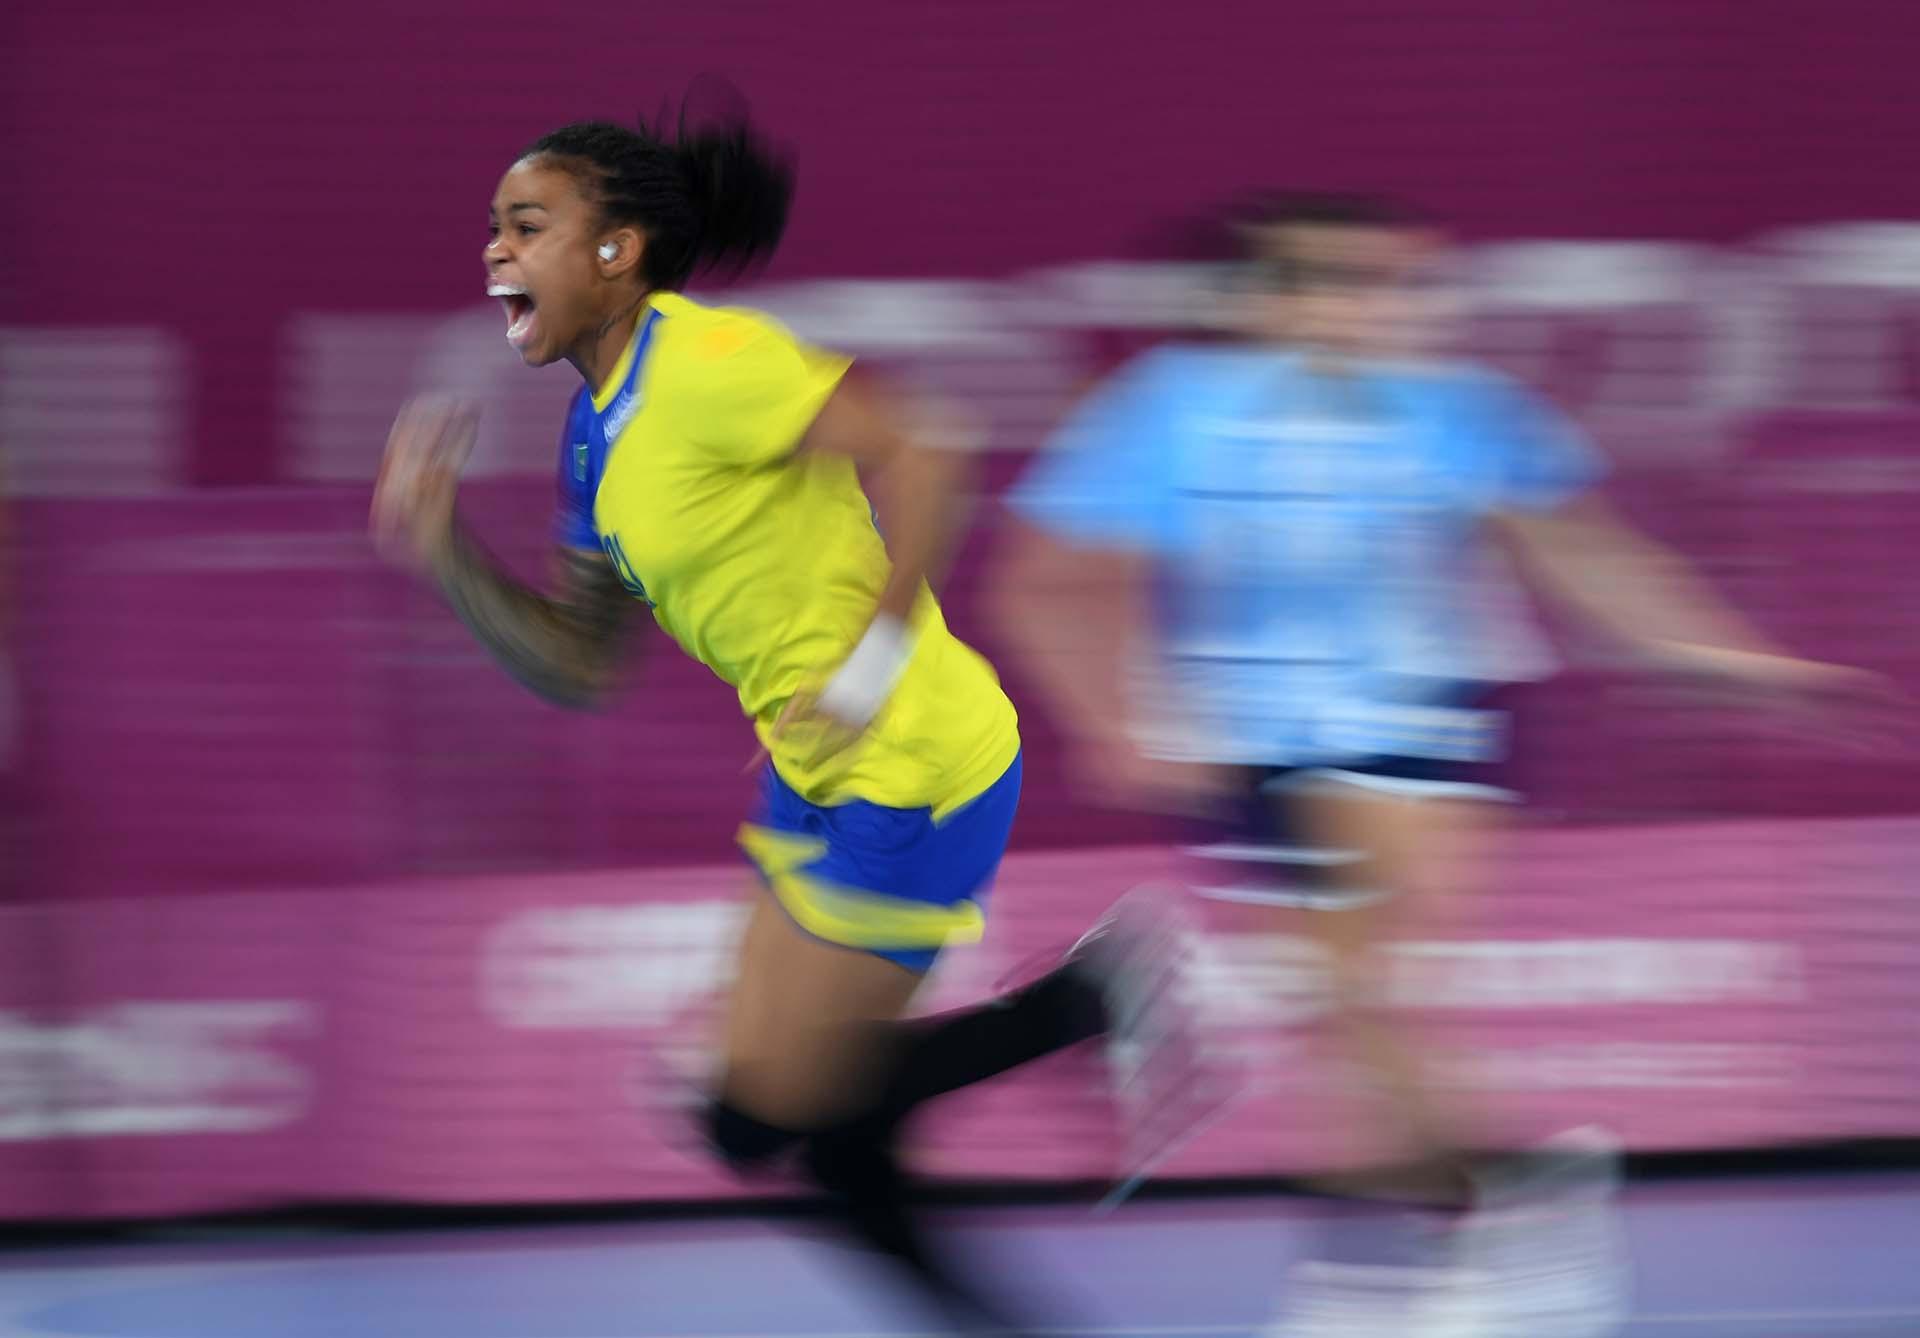 La brasileñaBruna De Paulacelebra el primer tanto frente a la Argentina en Handball.(Photo by Pedro PARDO / AFP)